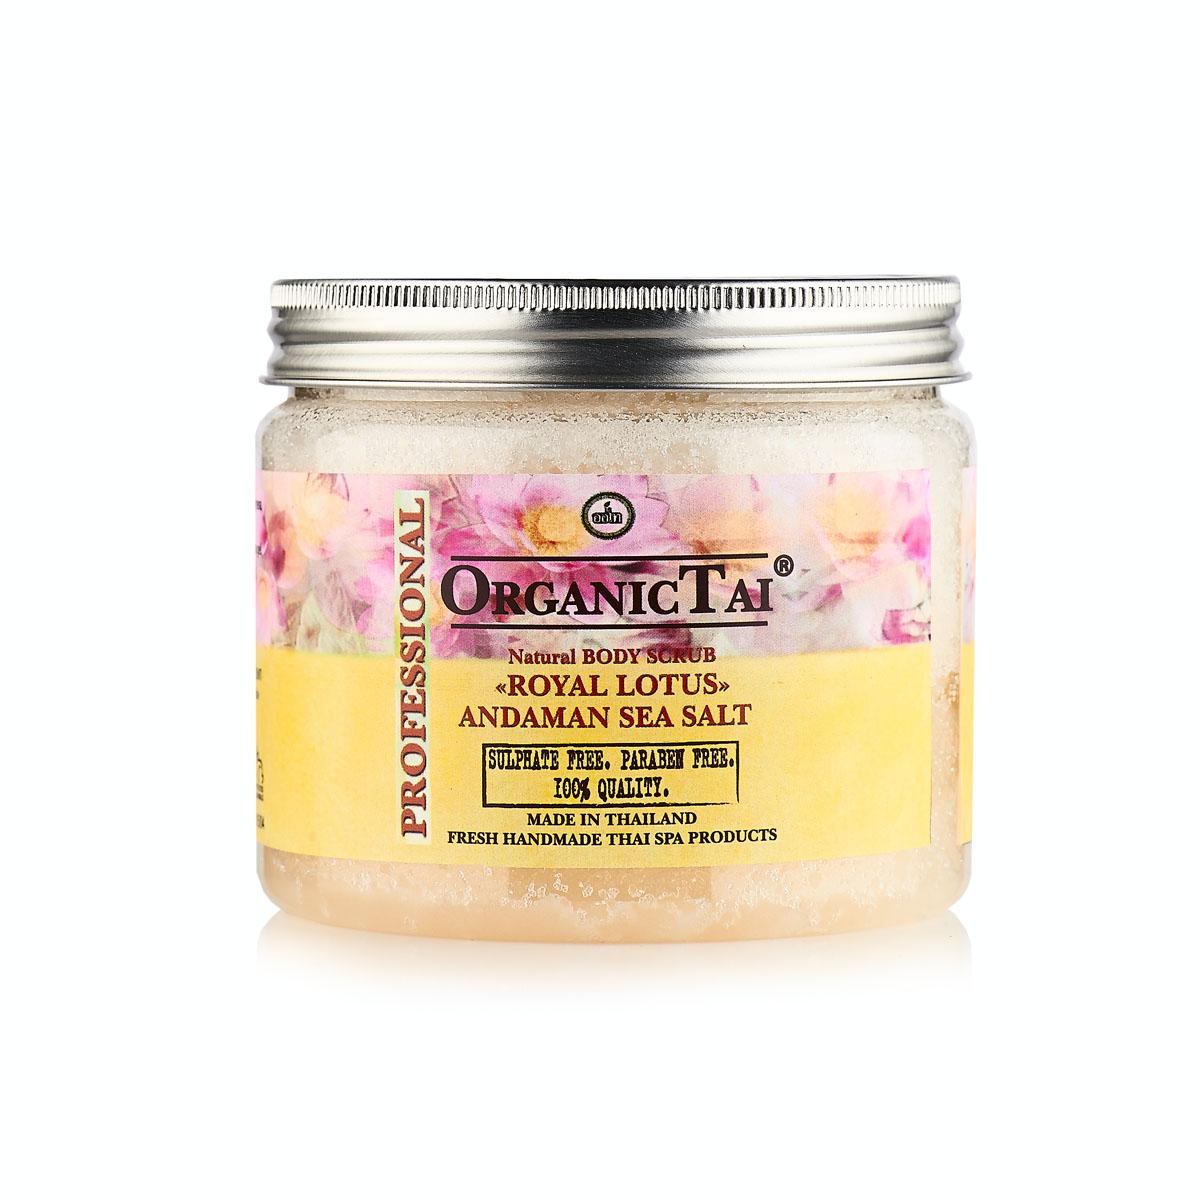 OrganicTai Натуральный скраб для тела на основе соли Андаманского моря «КОРОЛЕВСКИЙ ЛОТОС»500 гр